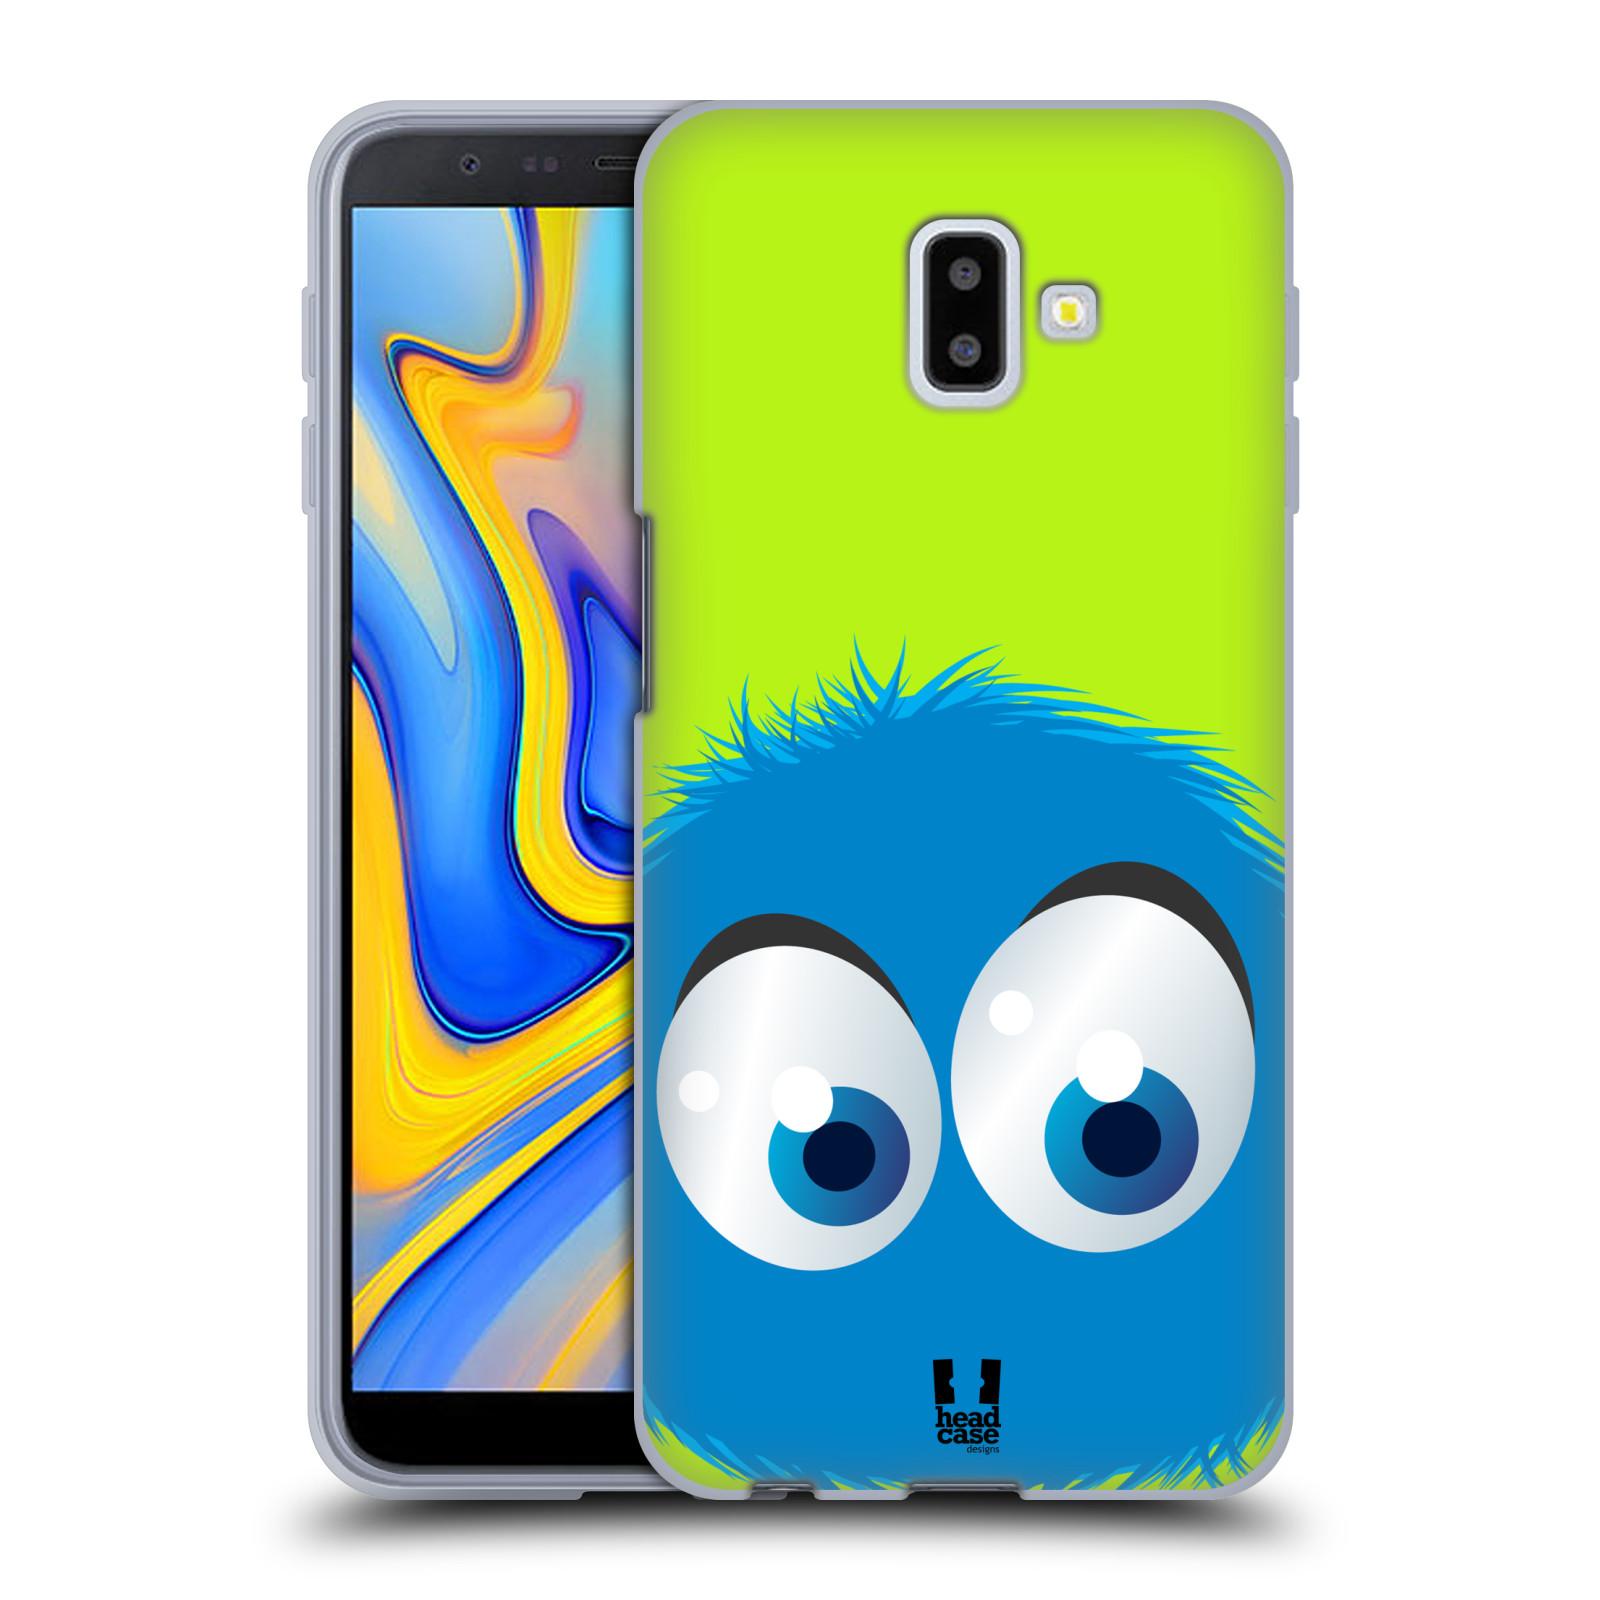 Silikonové pouzdro na mobil Samsung Galaxy J6 Plus - Head Case - FUZÍK MODRÝ (Silikonový kryt, obal, pouzdro na mobilní telefon Samsung Galaxy J6+ J610F s motivem FUZÍK MODRÝ)